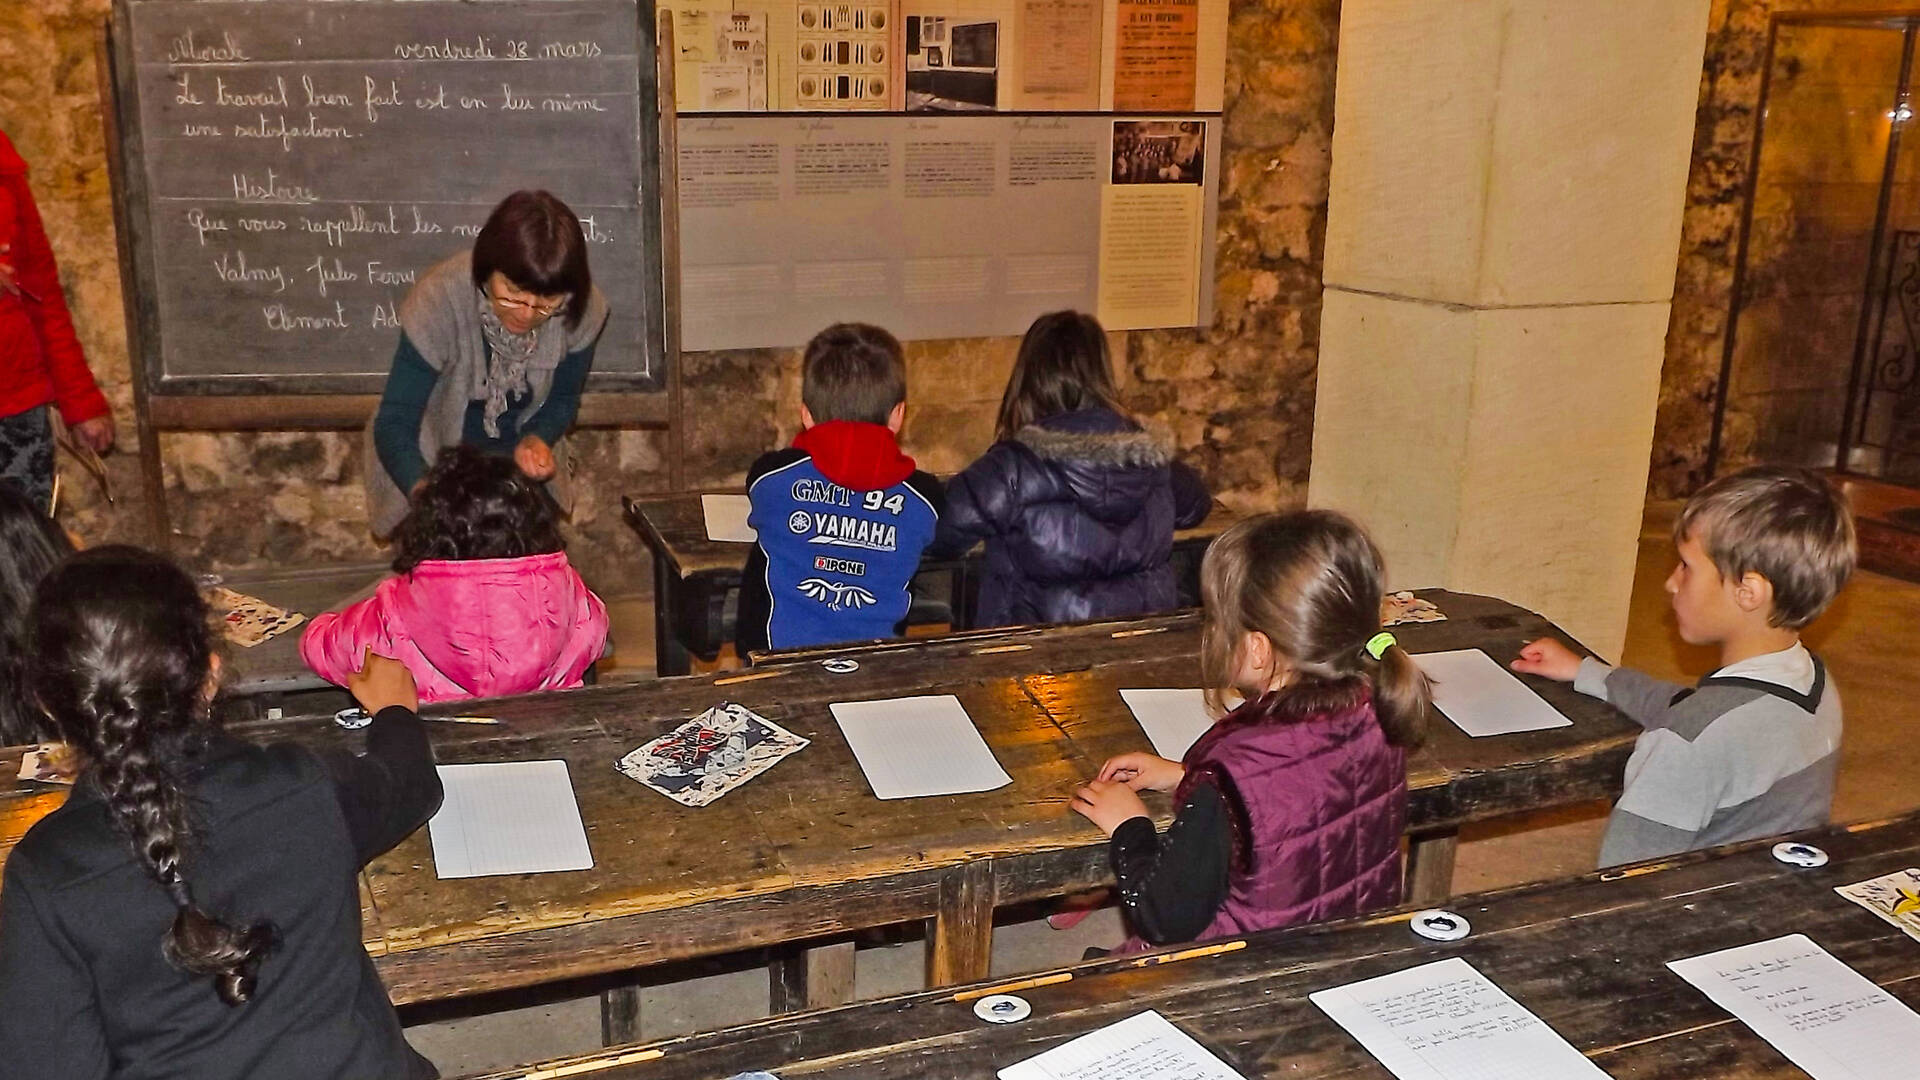 Participez en famille à la dictée à l'ancienne au Musée des Commerces d'autrefois à Rochefort - © Office de tourisme Rochefort Océan